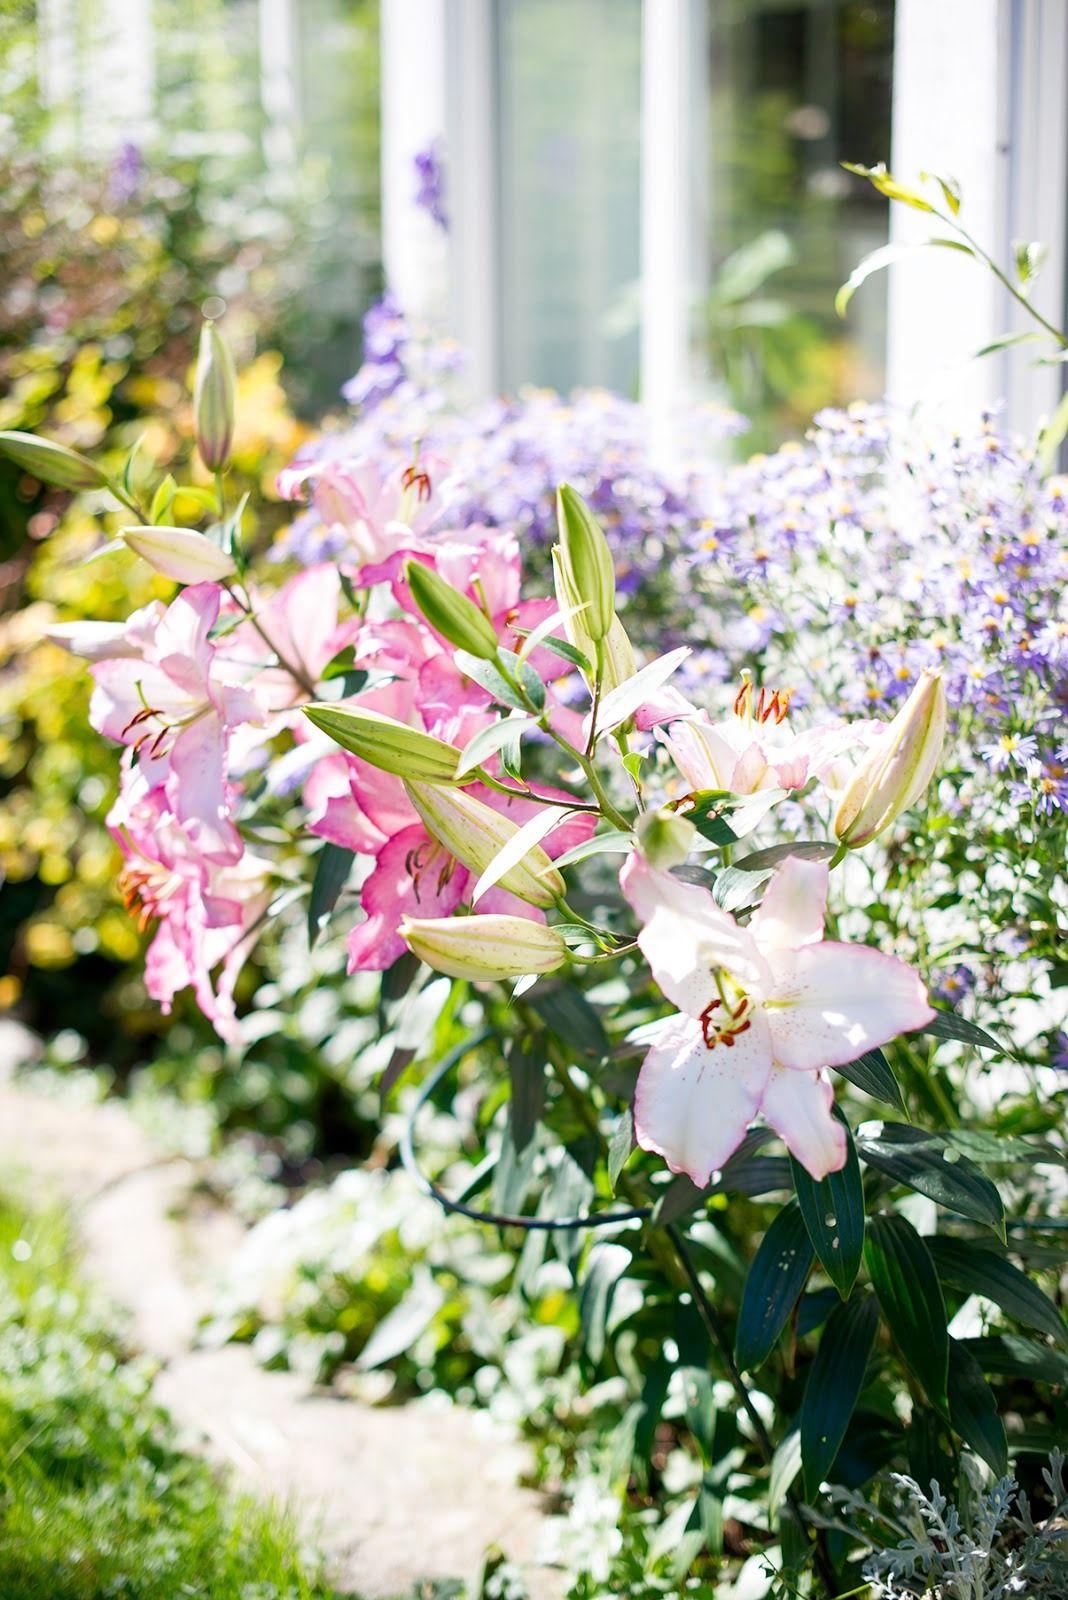 Summer Cottage image by Debbie Halkett Beautiful gardens